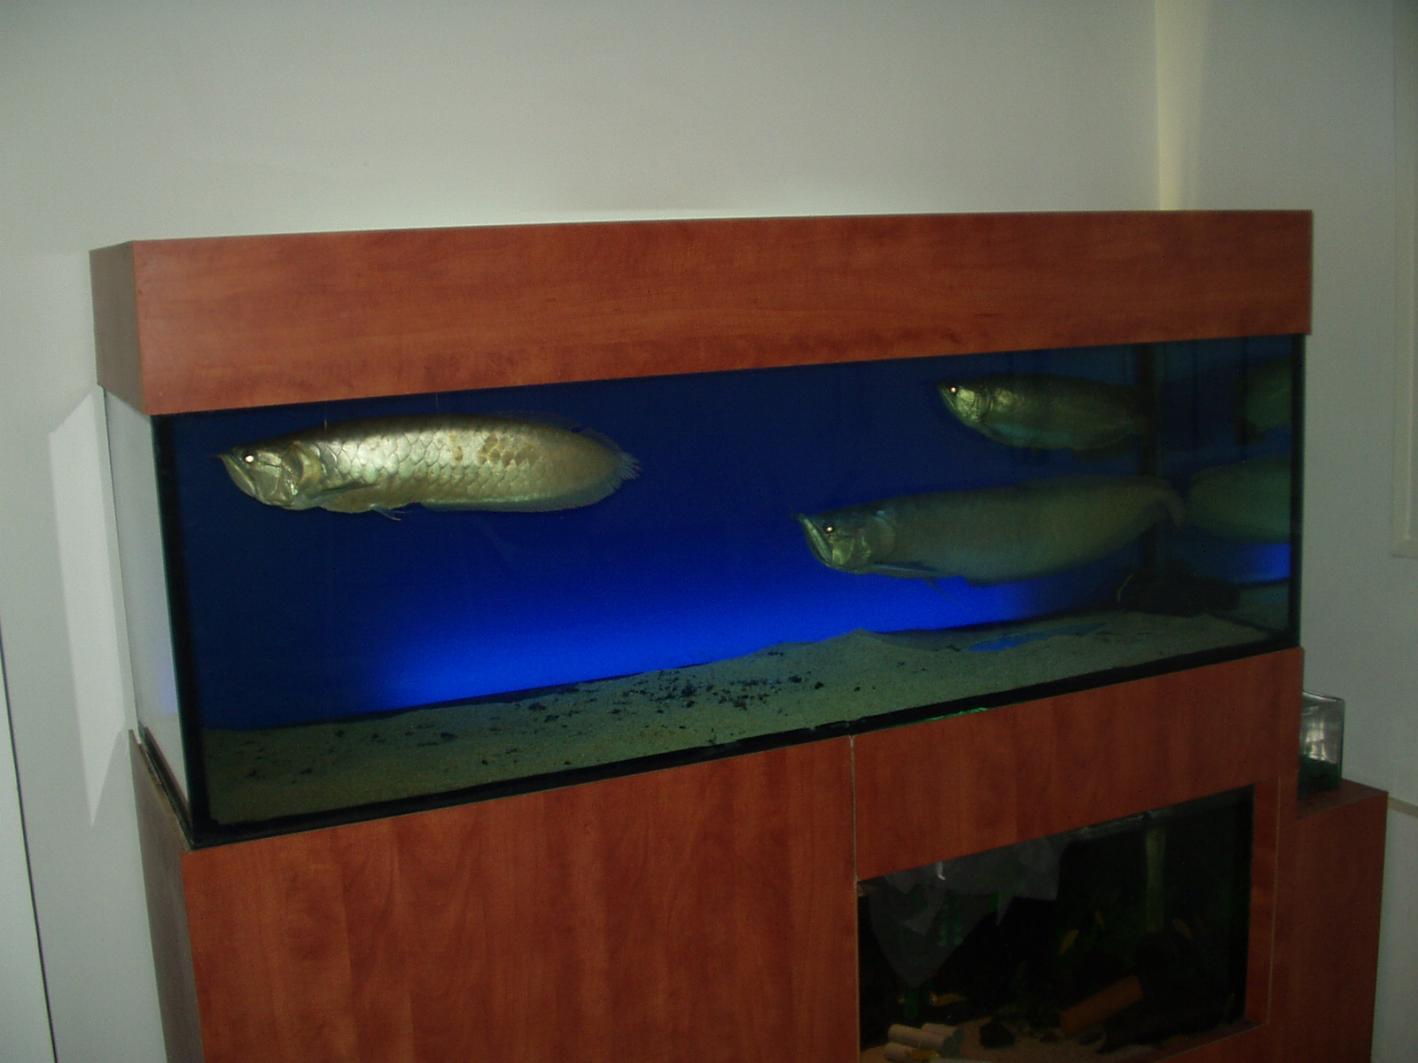 500 liter reef from israel reef2reef saltwater and reef aquarium forum. Black Bedroom Furniture Sets. Home Design Ideas